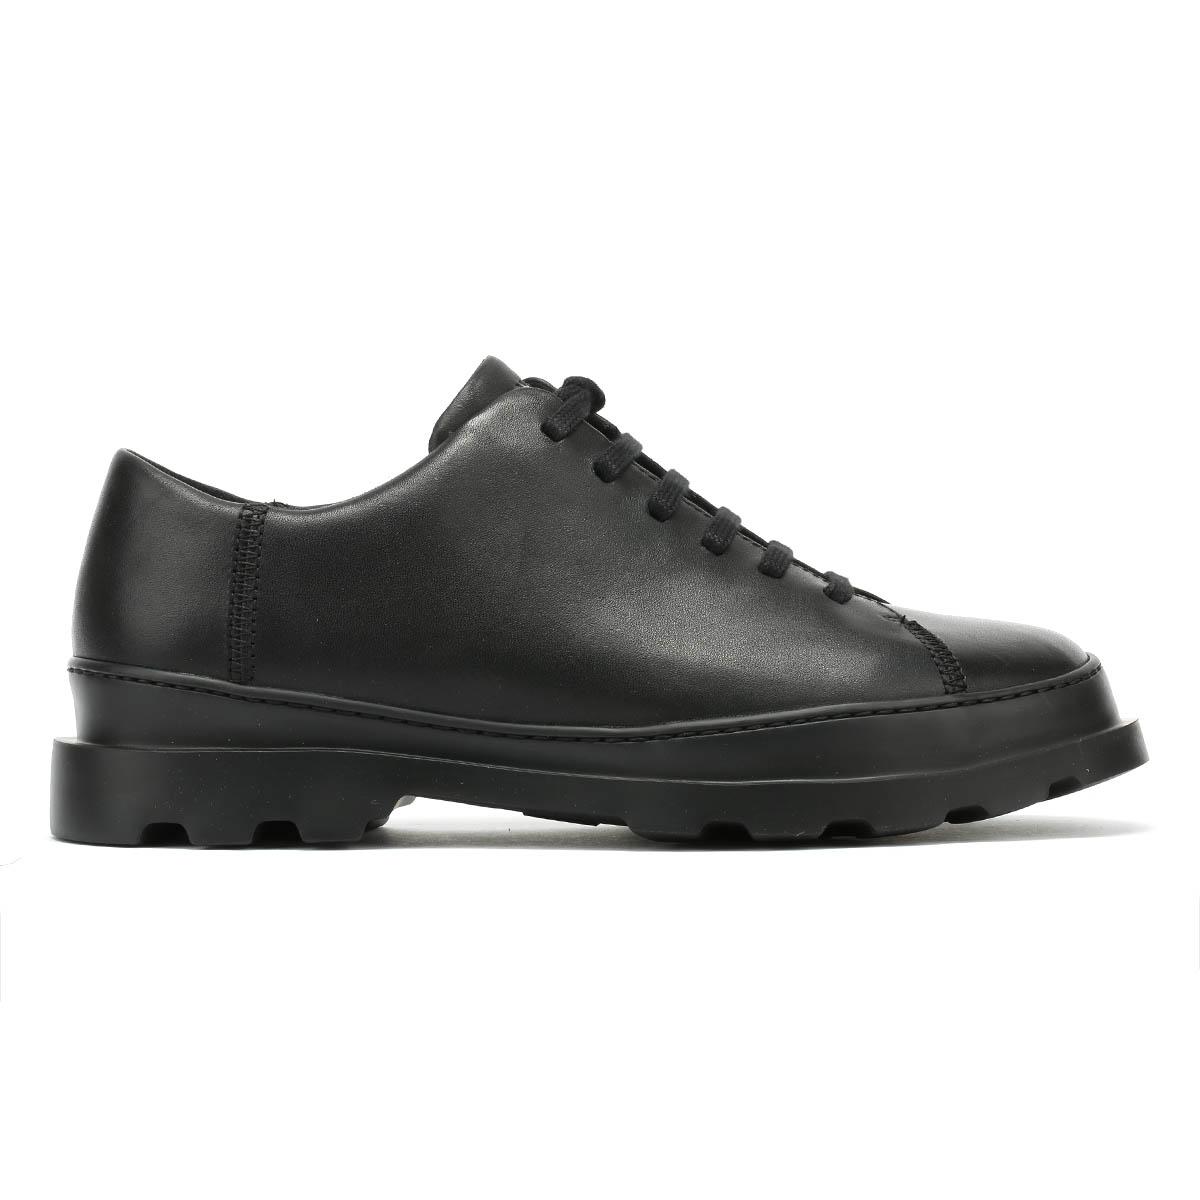 Camper Brutus para Hombre Negro Zapatos Con Cordones Cuero Cuero Cuero Invierno Informales Caminar 0dabb0